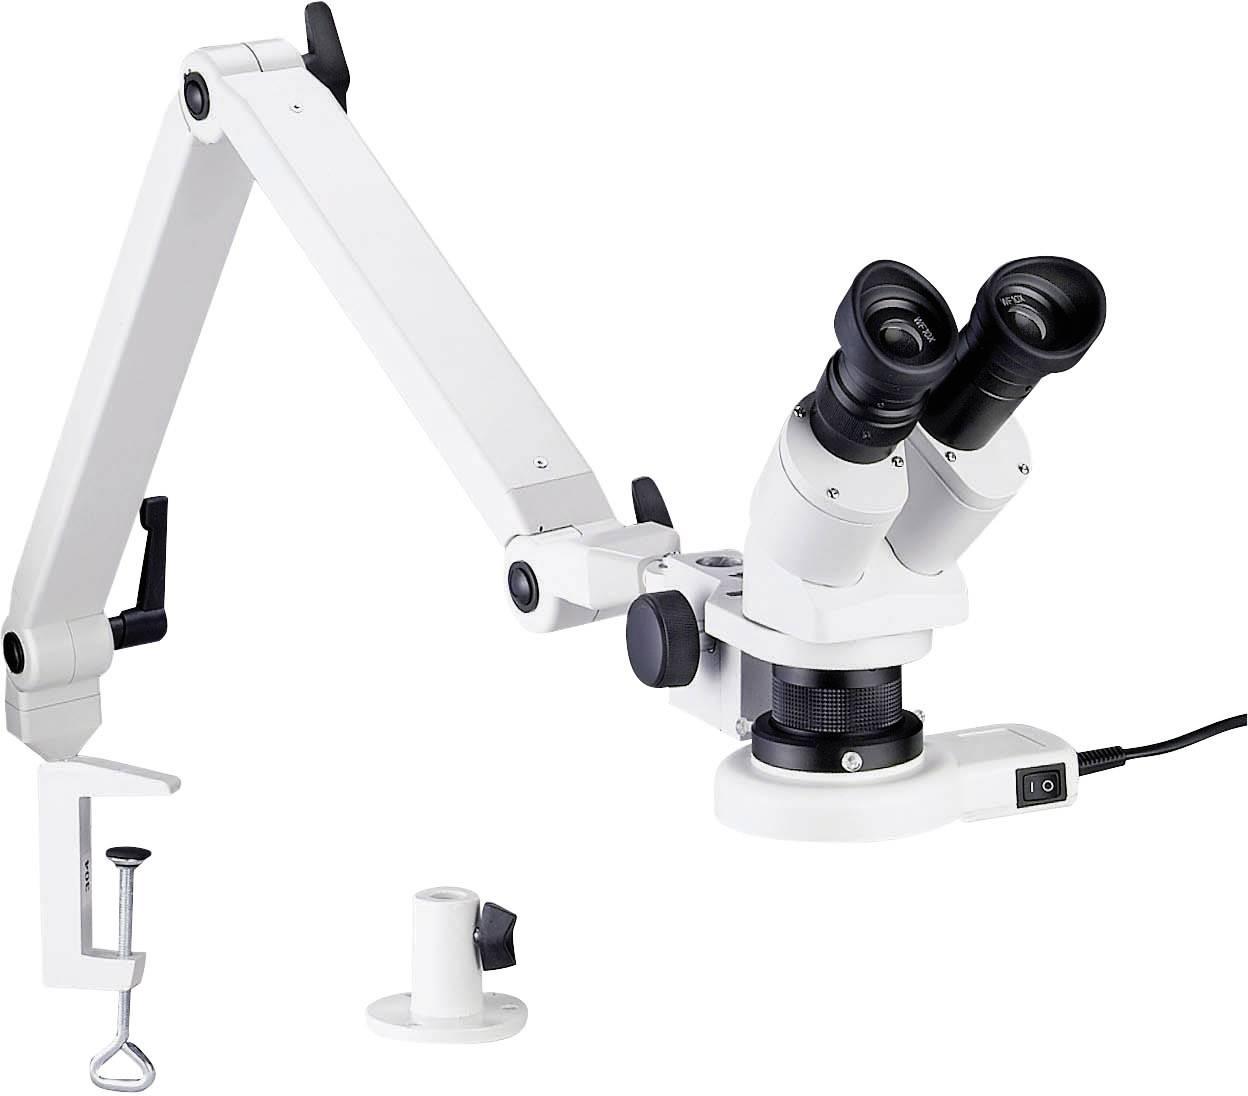 Stereomikroskop Bernstein 9-158, binokulární, 20 x